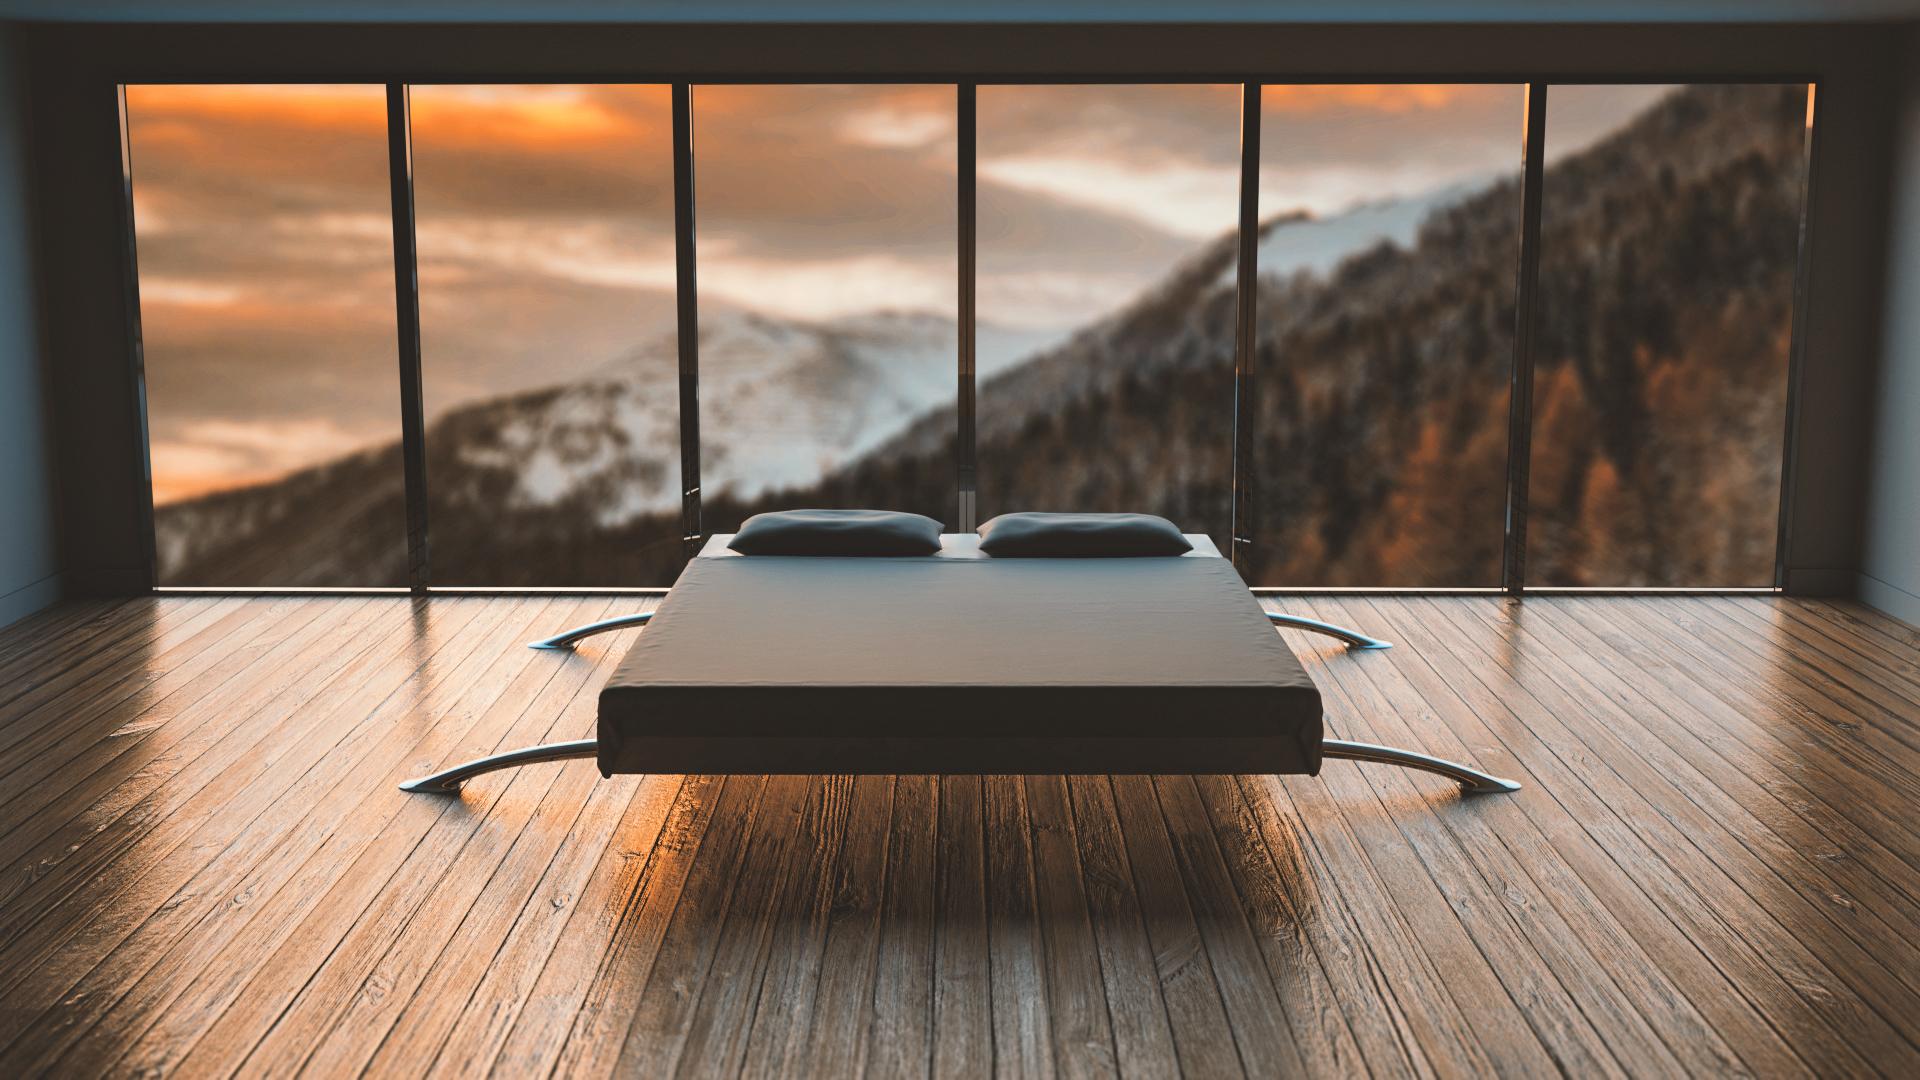 250 Inspiring Furniture Photos Pexels Free Stock Photos